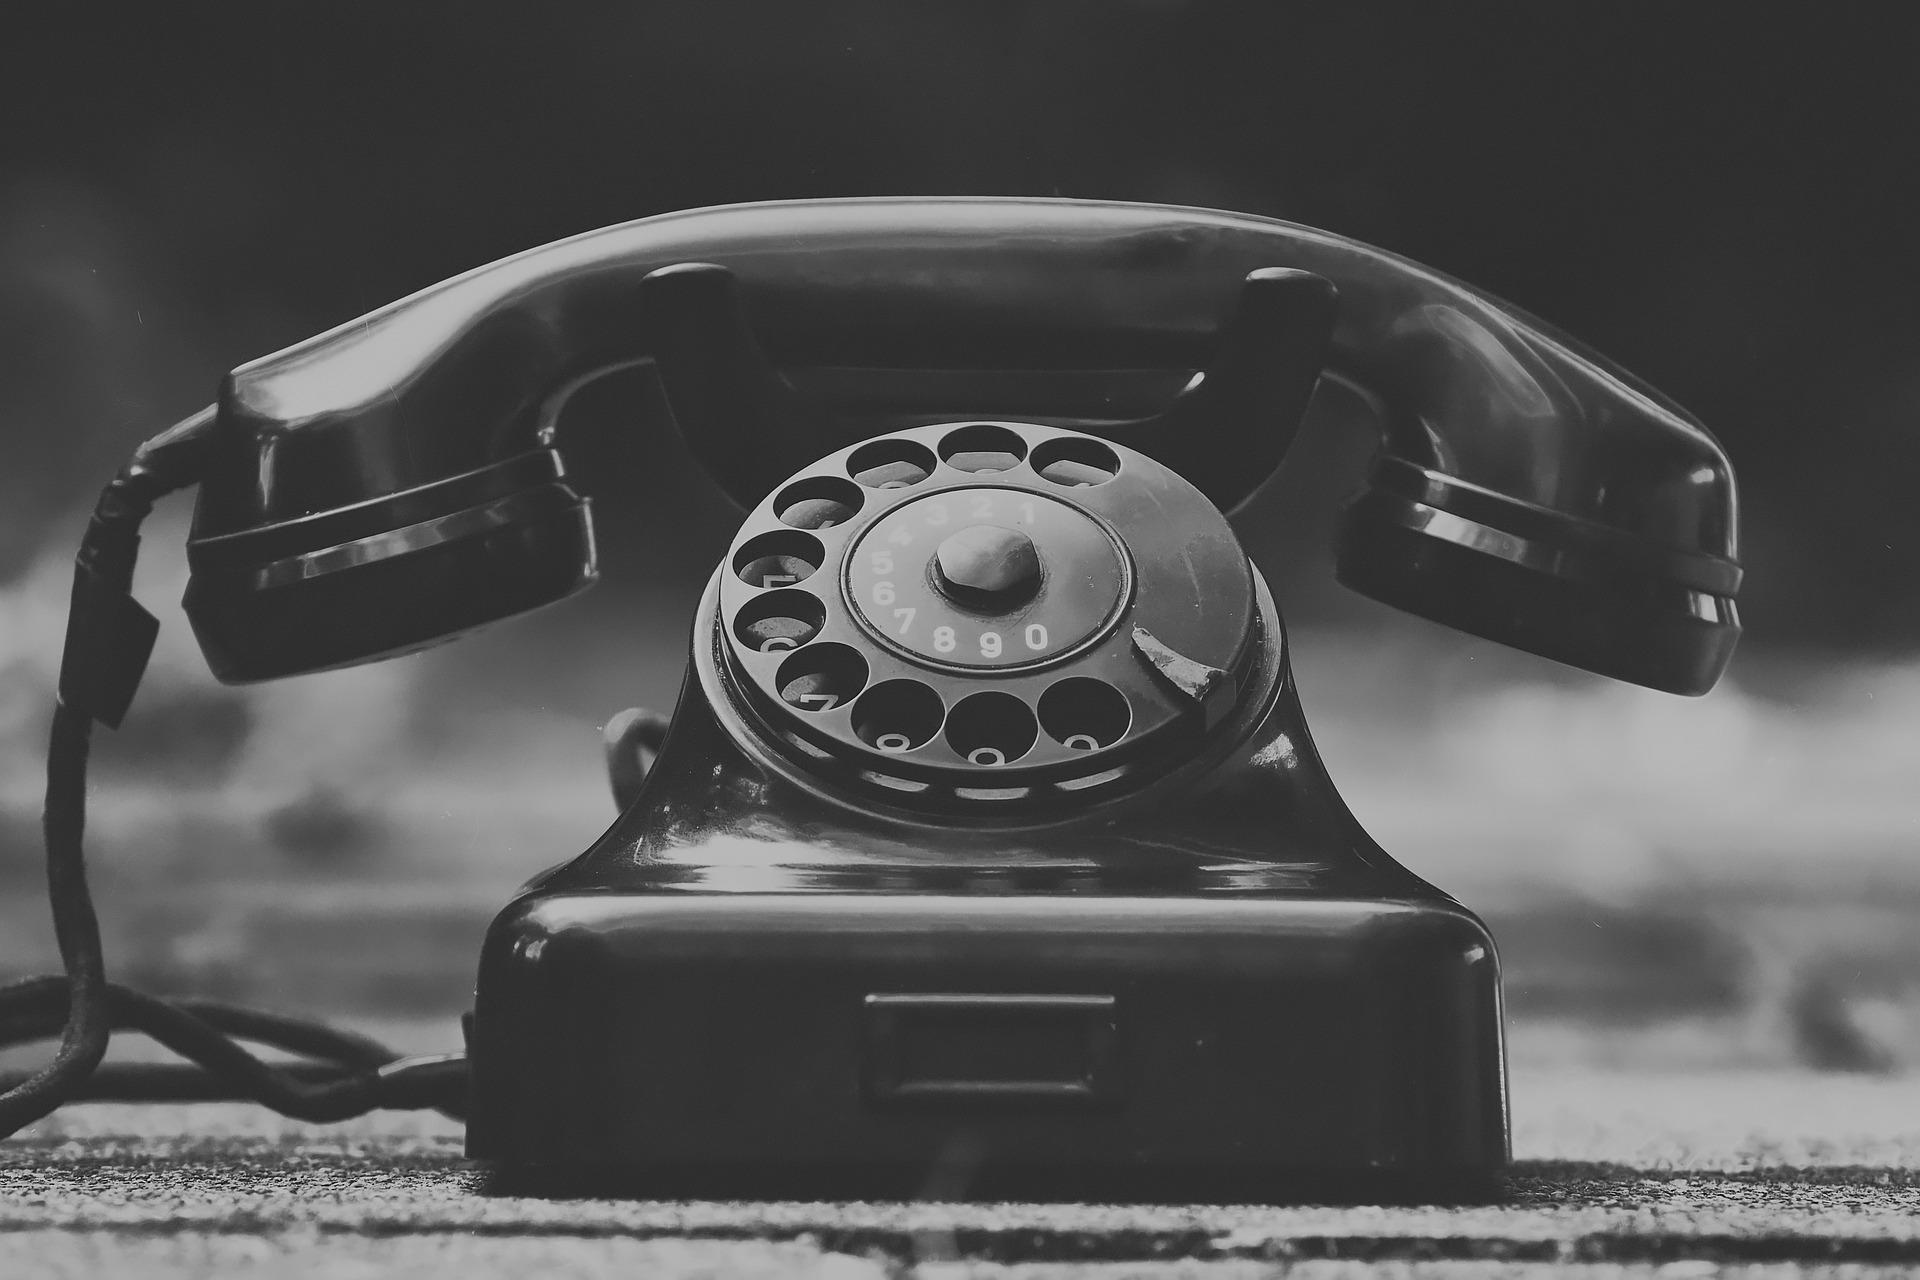 WhatsApp muss nicht sein, denn Smartphones sind immer noch Telefone (Bild: Pixabay/Alexas-Fotos)